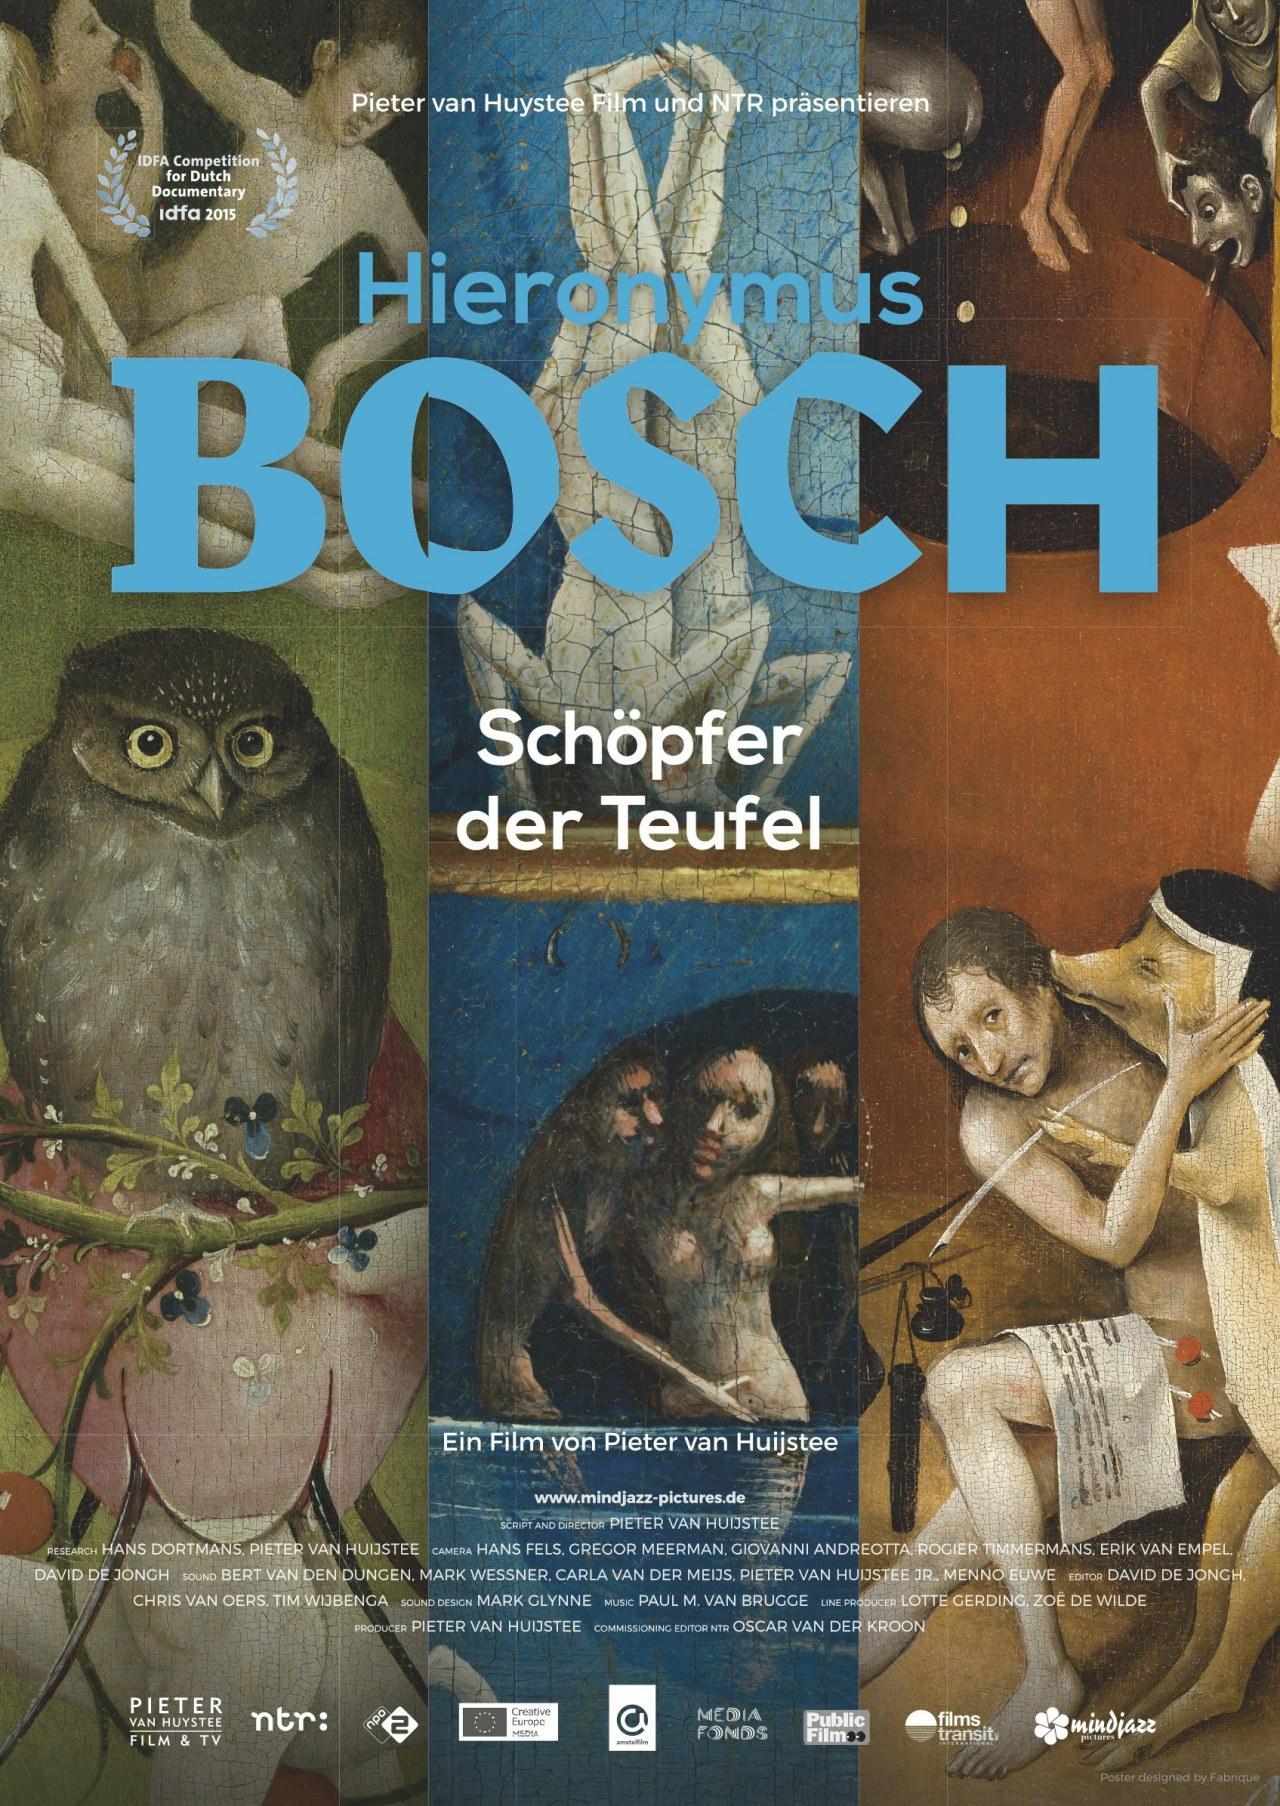 Hieronymus Bosch - Schöpfer der Teufel - Bild 1